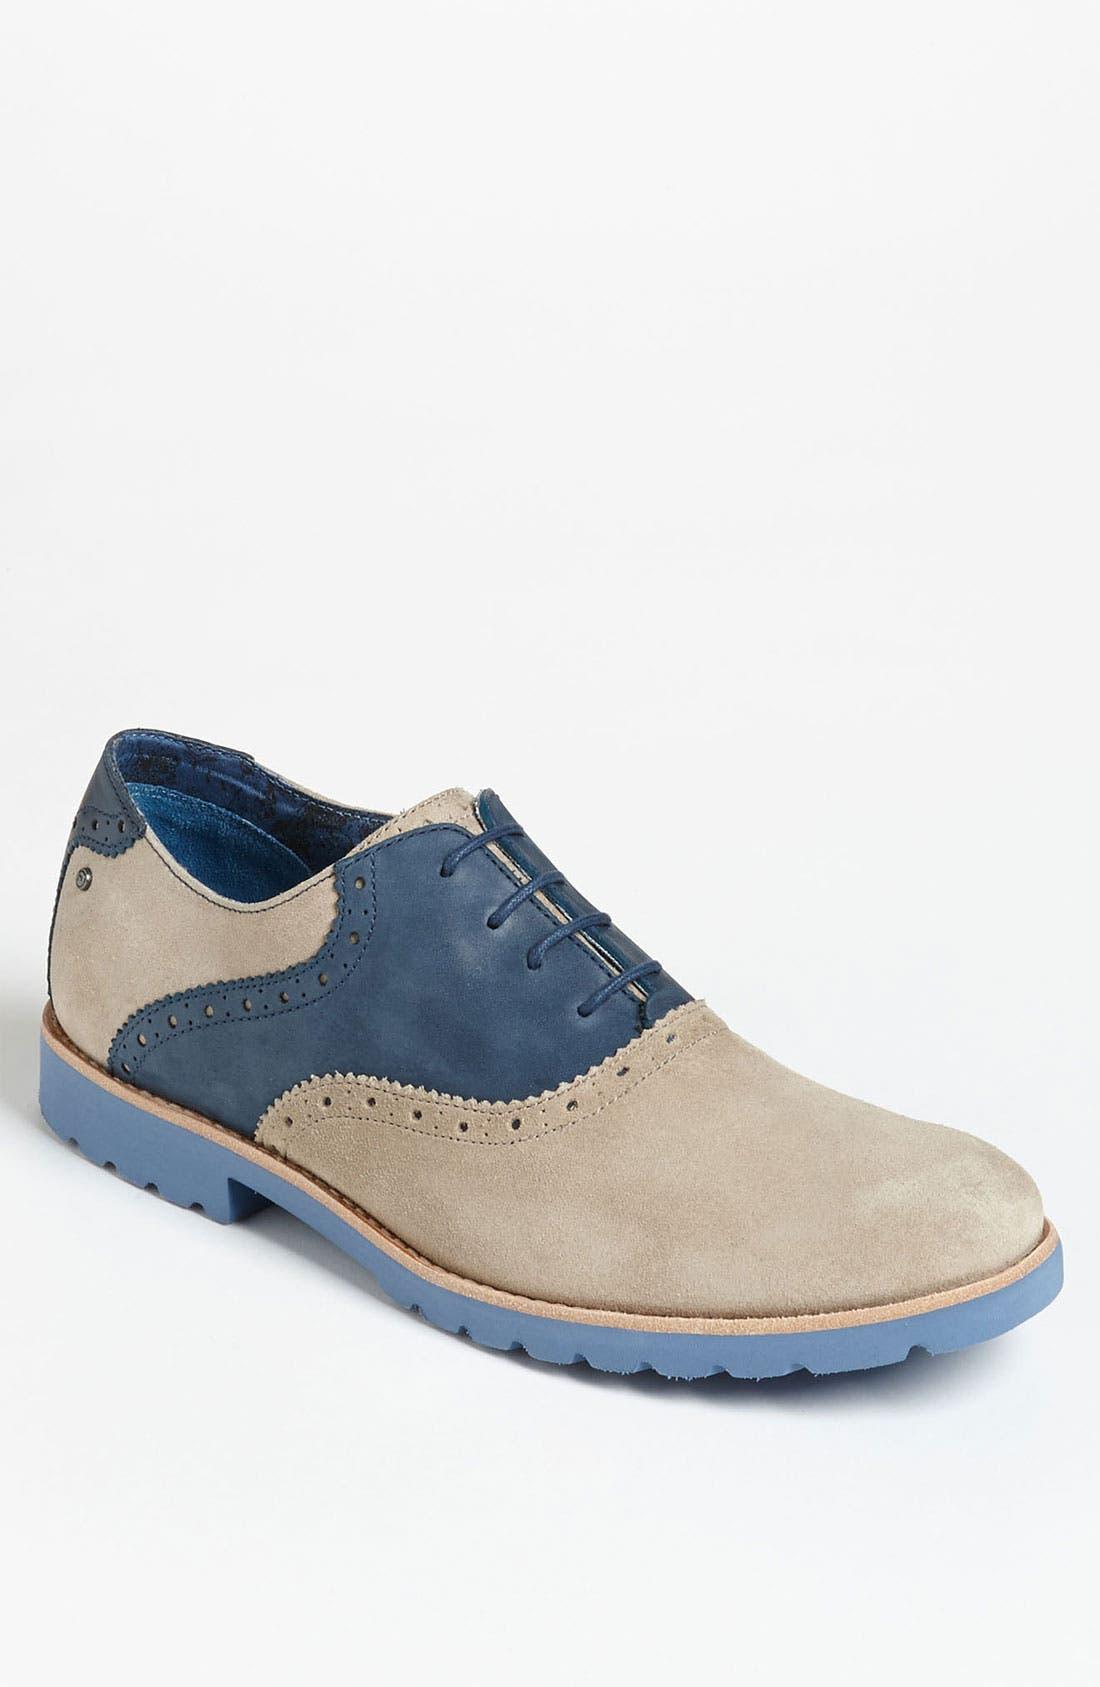 Alternate Image 1 Selected - Rockport 'Ledge Hill' Saddle Shoe